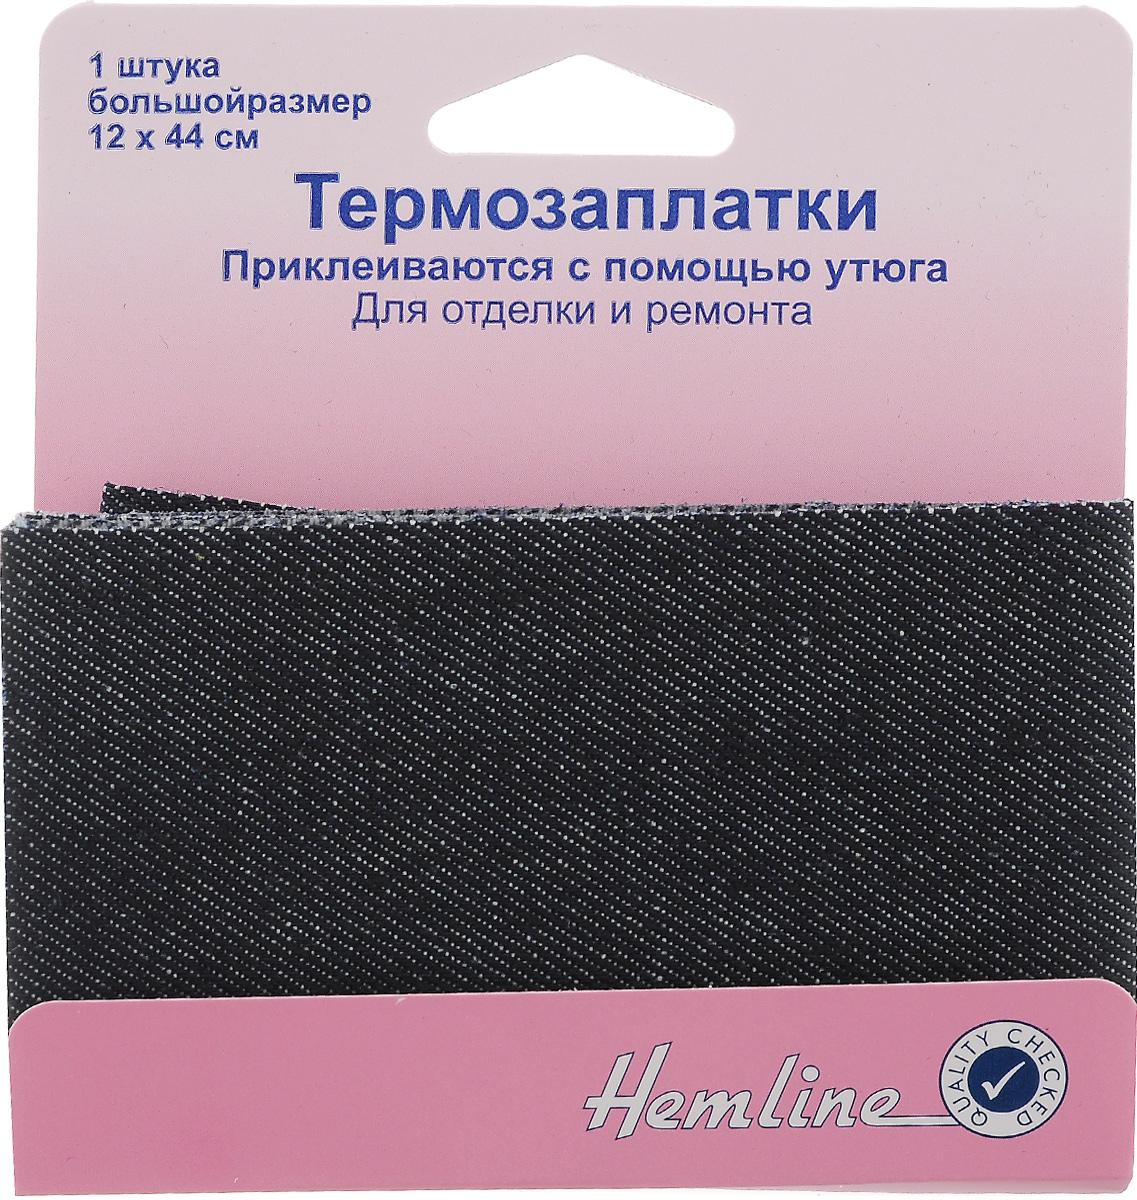 Термозаплатка Hemline, цвет: темный деним, 12 х 44 см690.L.LDТермозаплатка Hemline применяется для отделки и ремонта предметов одежды, домашнего текстиля и аксессуаров. Не предназначена для пластика, нейлона, вискозы. Термозаплатка изготовлена из поликоттона (хлопок/полиэстер) под джинсу. Прикрепляется с помощью утюга.